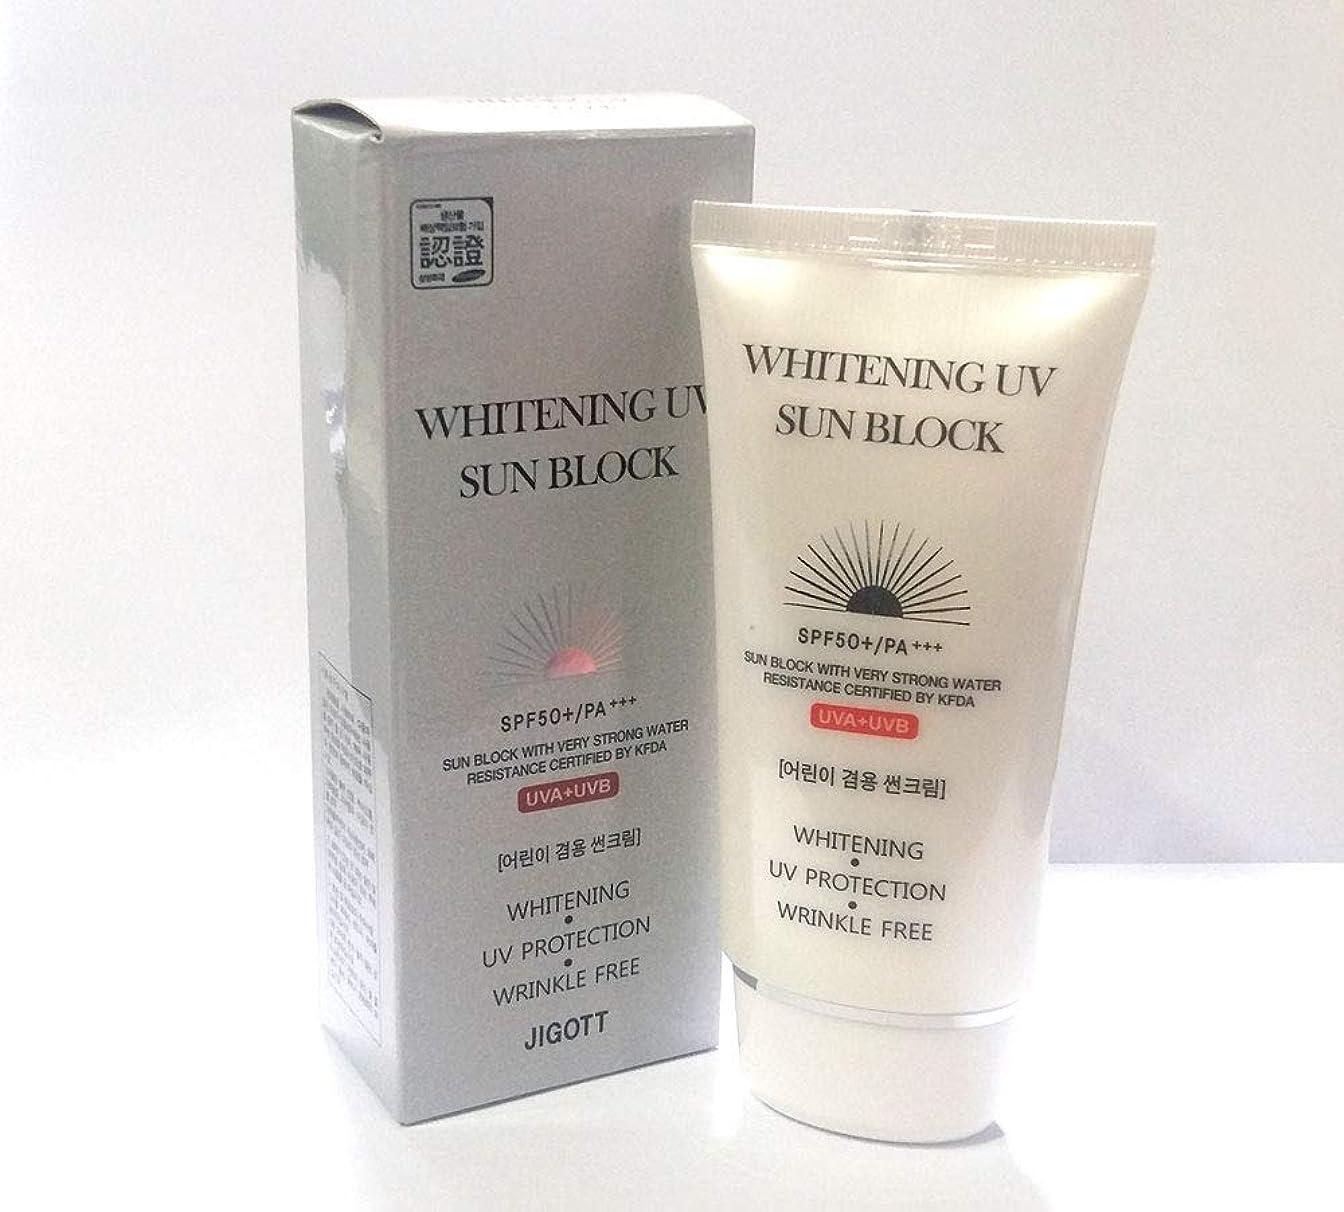 ピーブシャトル資格情報[JIGOTT] ホワイトニングUVプロテクトサンブロッククリームSPF50 + PA +++ / Whitening UV Protection Sun Block Cream SPF50+ PA +++ / 韓国化粧品/Korean Cosmetics (3EA) [並行輸入品]